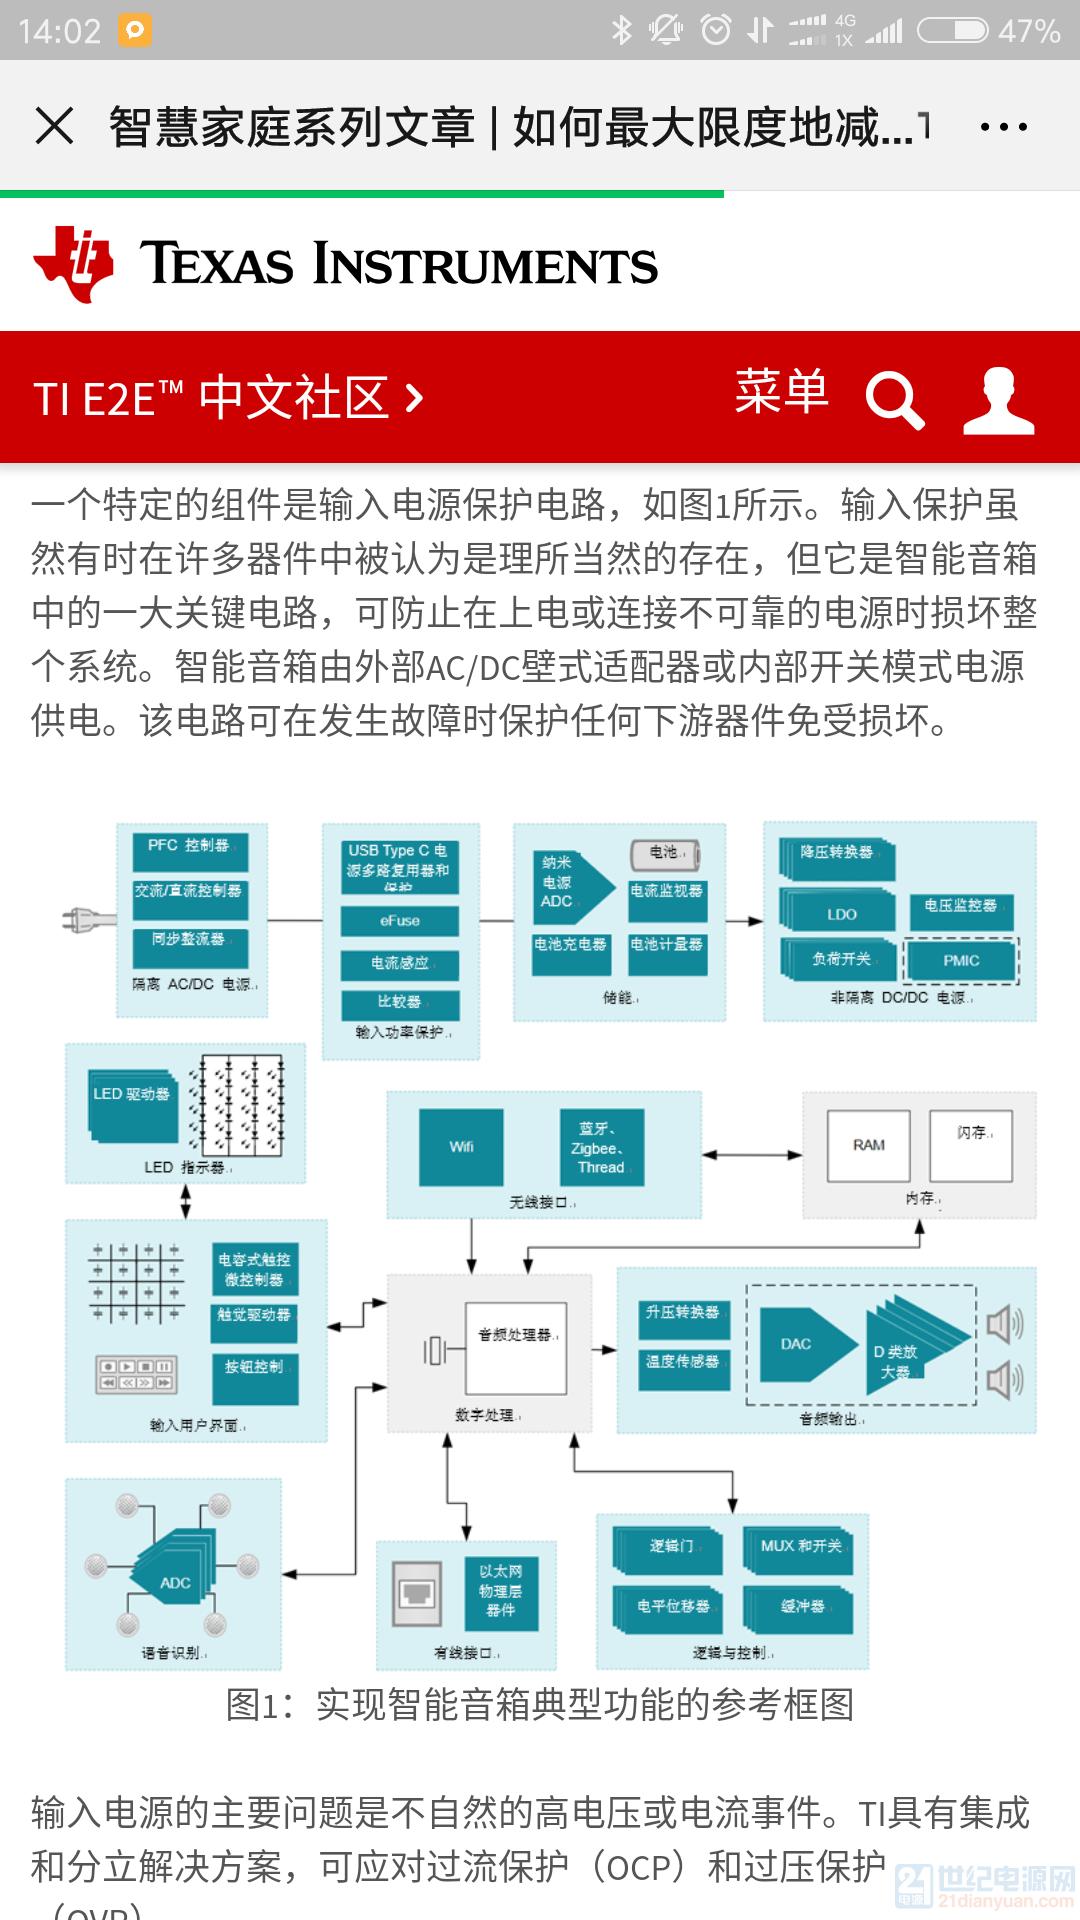 Screenshot_2019-11-01-14-02-26-867_com.tencent.mm.png